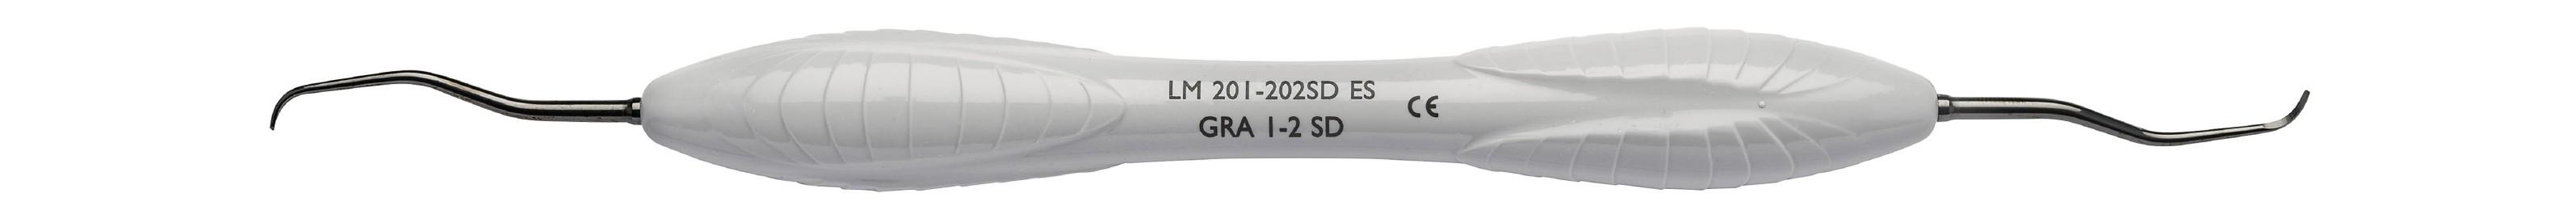 Graceyho kyreta 1/2 SD 201-202SD ES